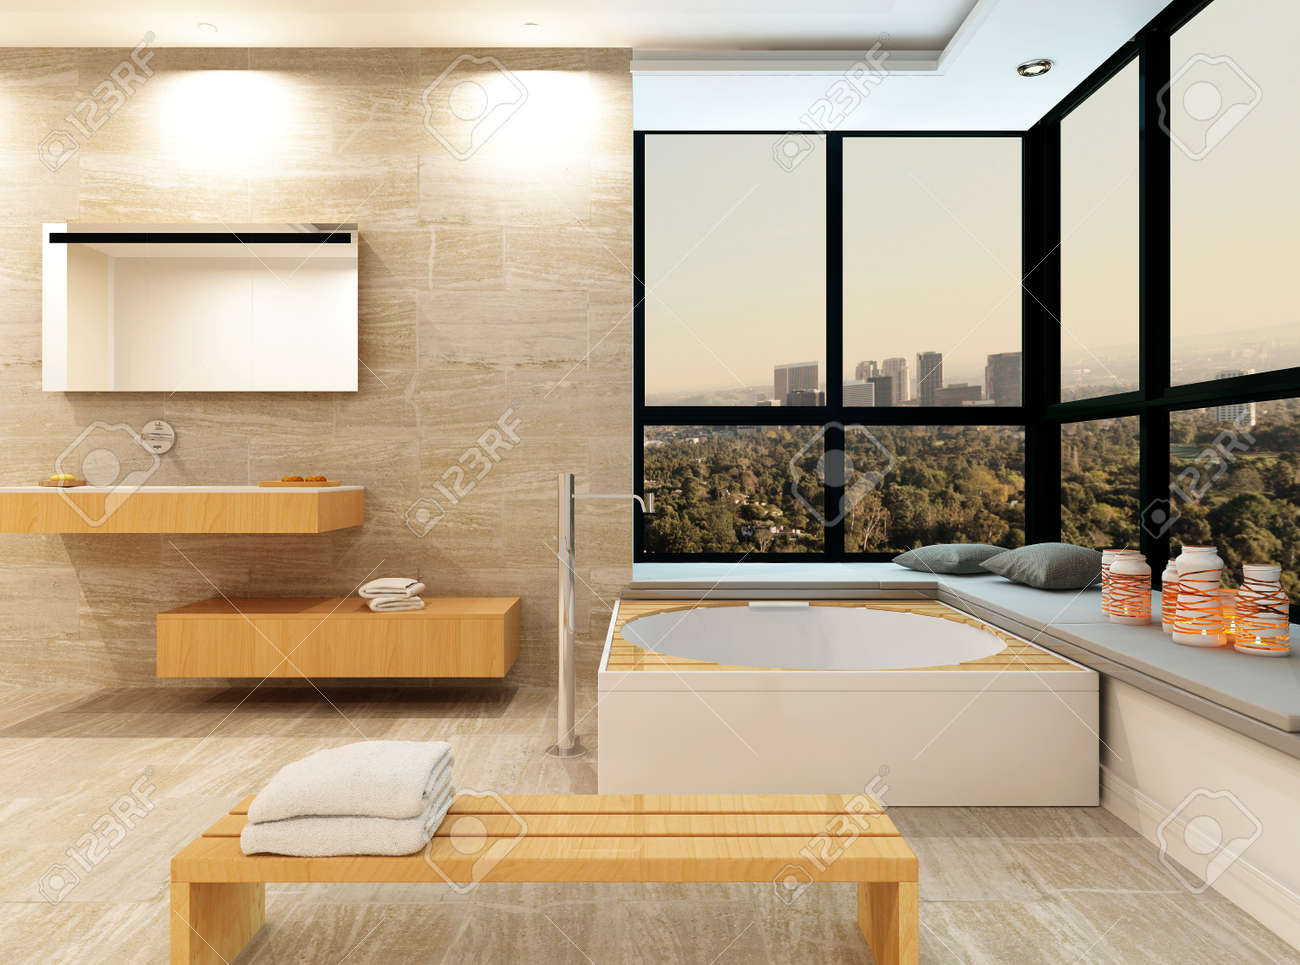 Modernes Badezimmer Innenraum Mit Steinfliesen Und Jacuzzi Lizenzfreie  Bilder   28884975